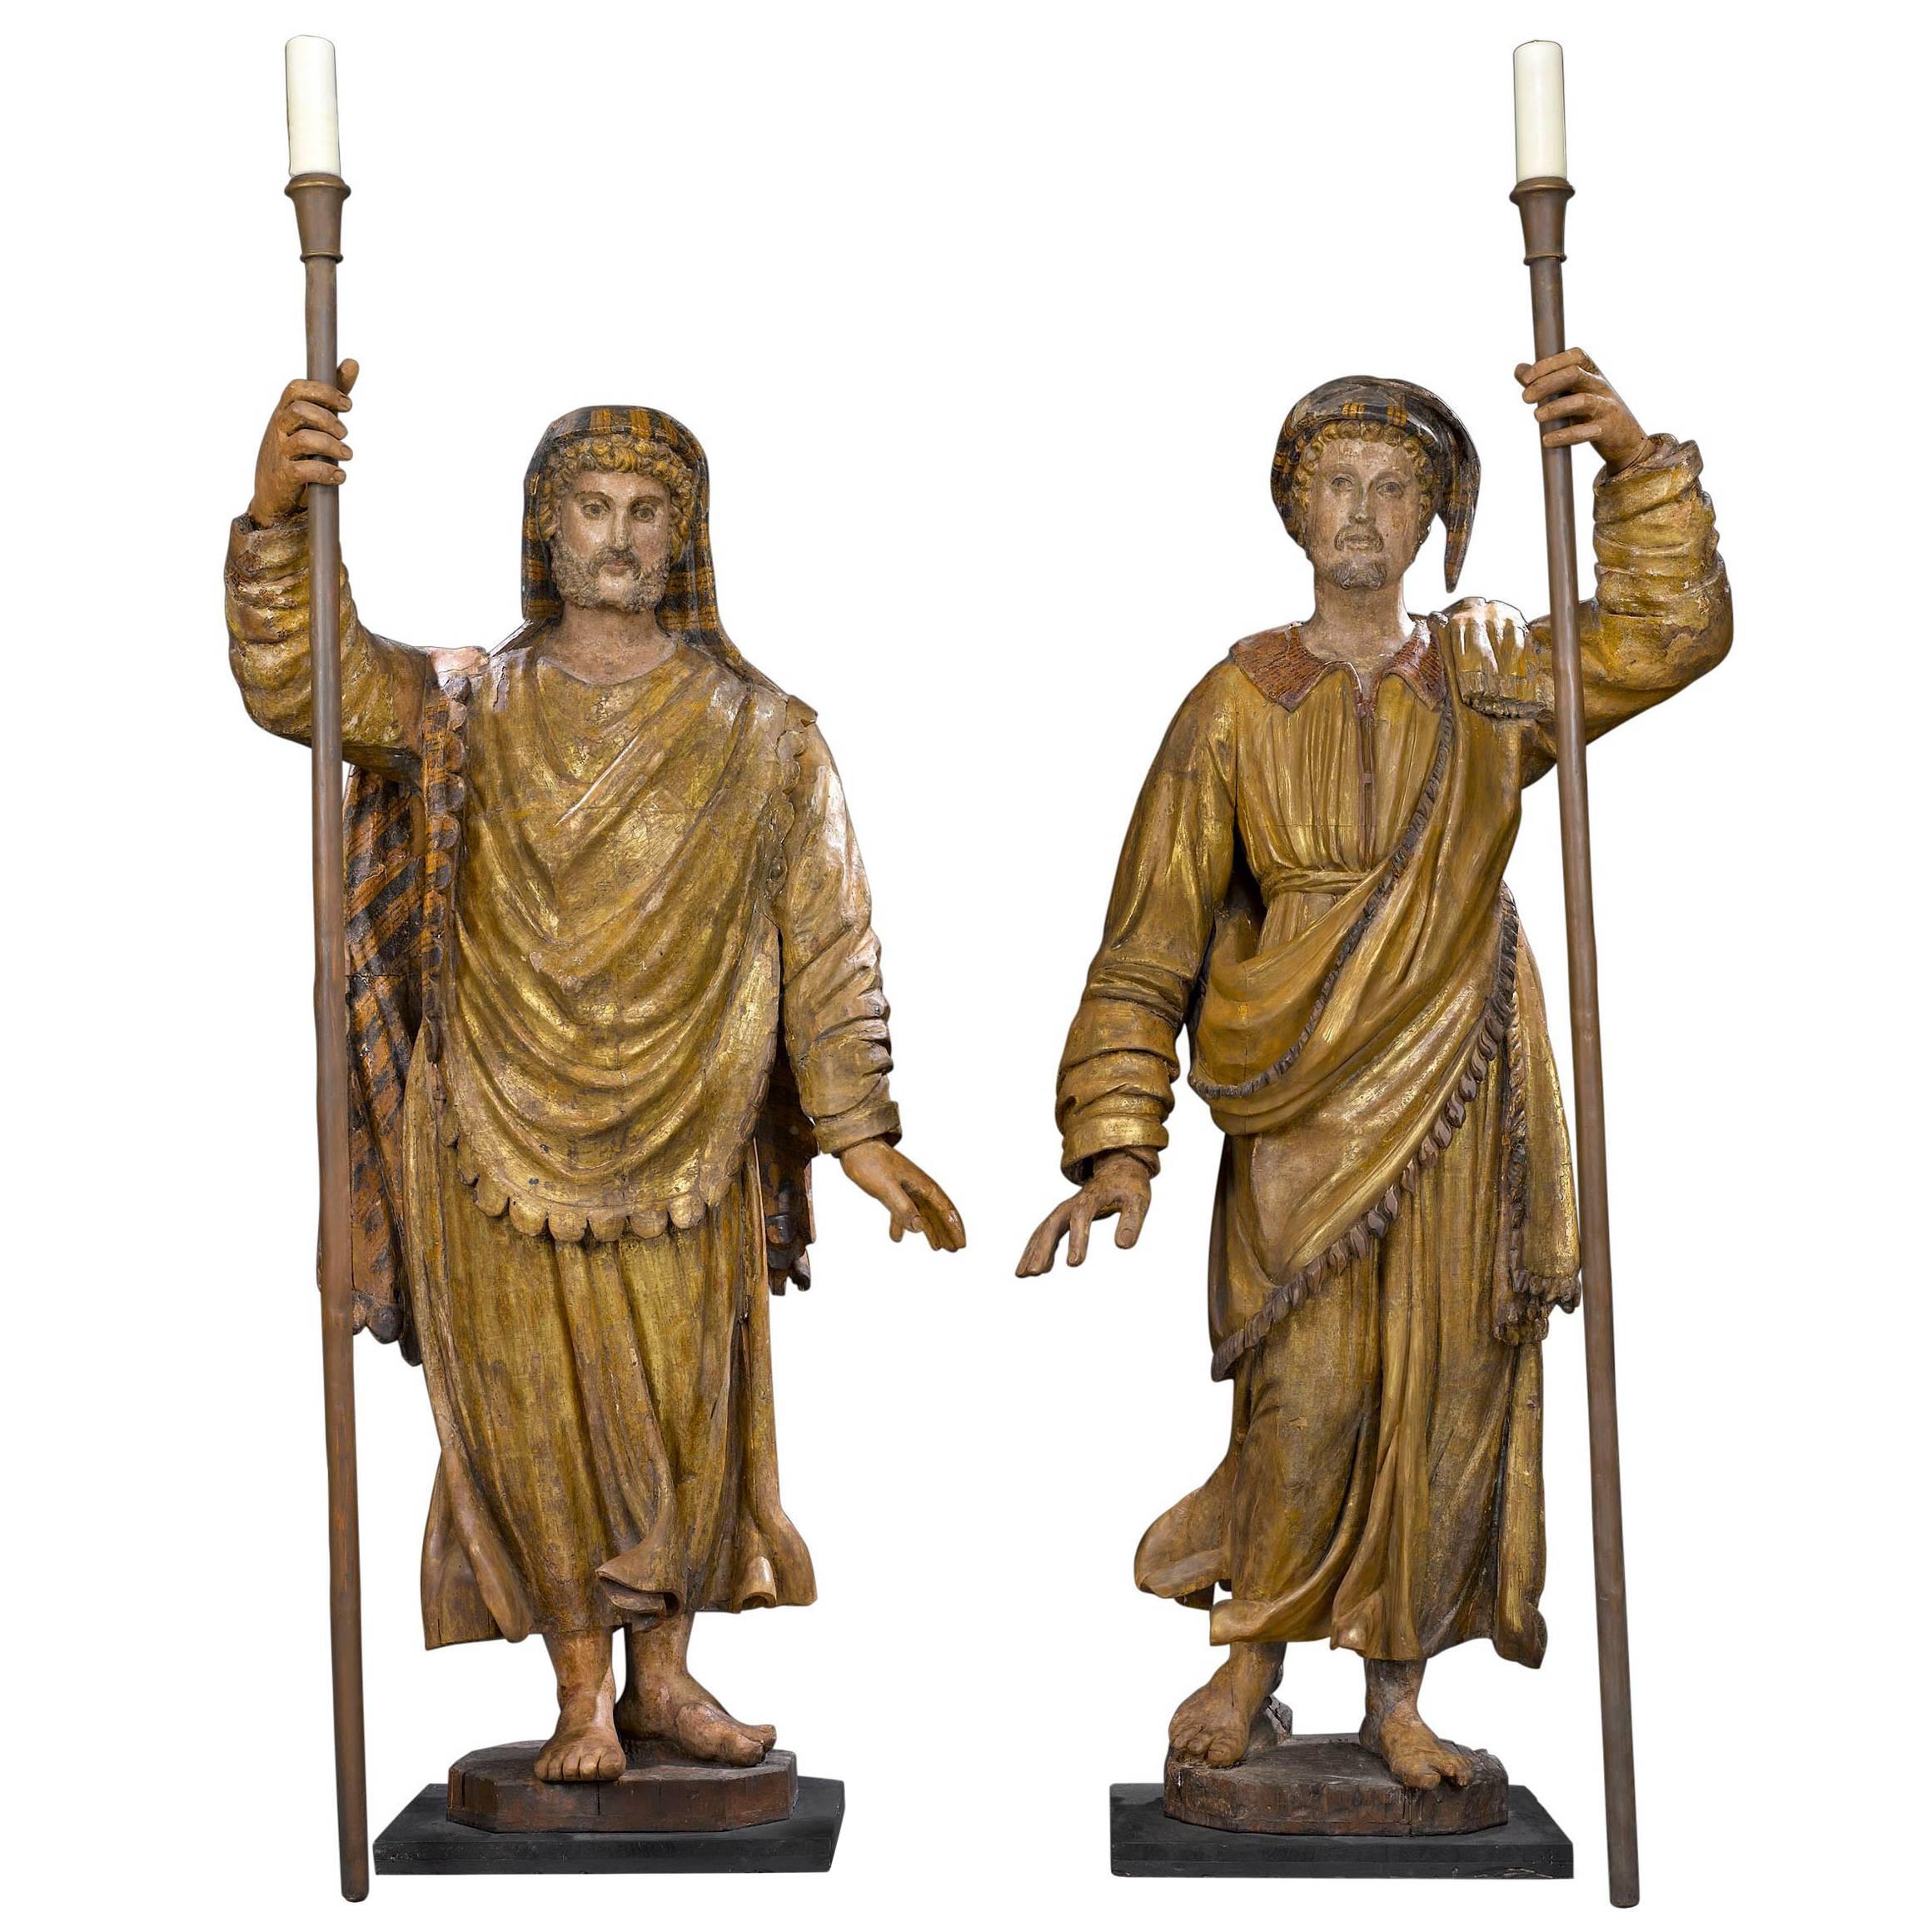 Image Led Paint Concrete Statues 14